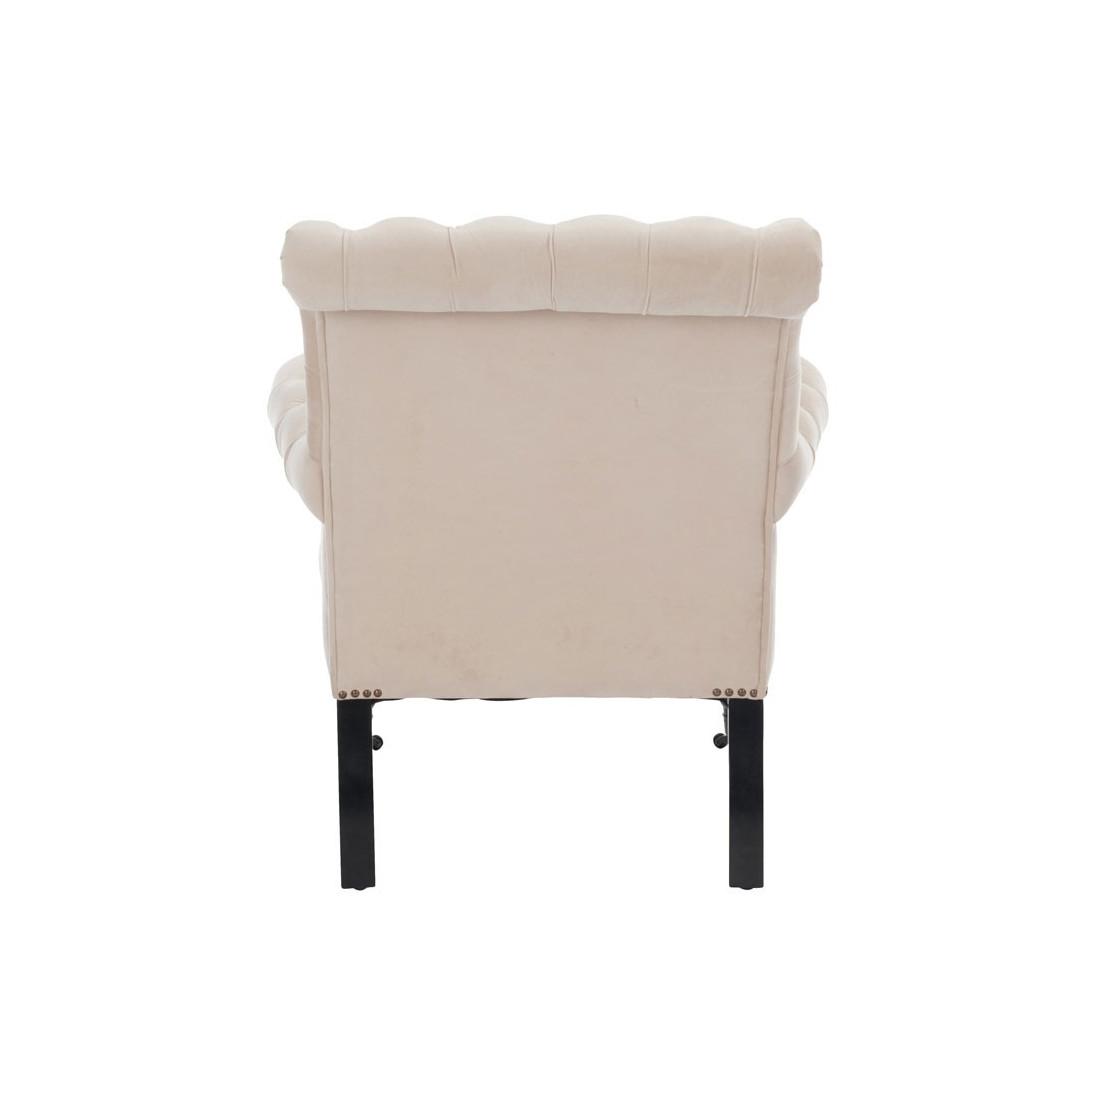 fauteuil capitonn beige avec roulettes mayfair univers. Black Bedroom Furniture Sets. Home Design Ideas